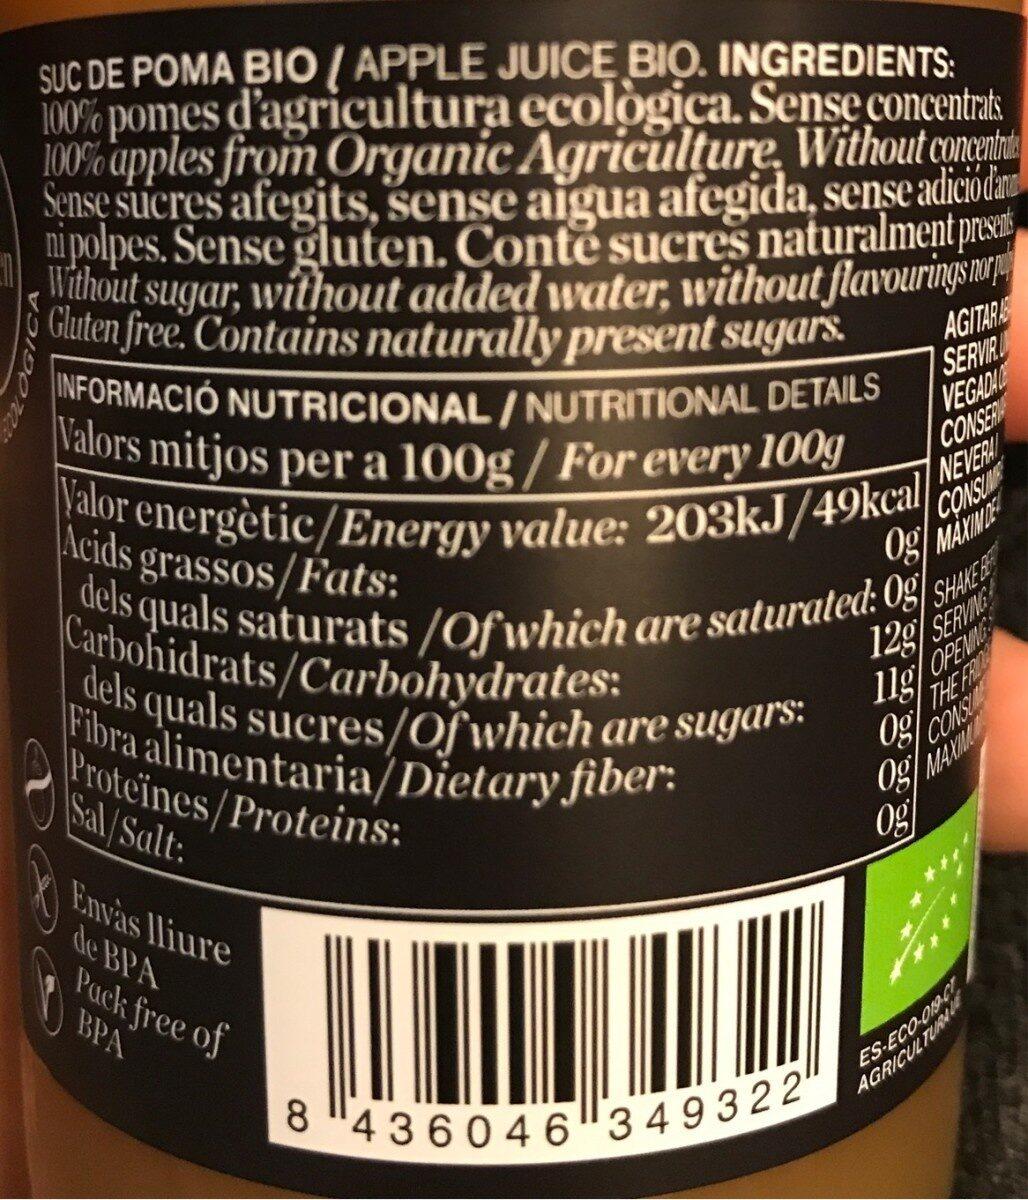 Suc de poma Bio - Informations nutritionnelles